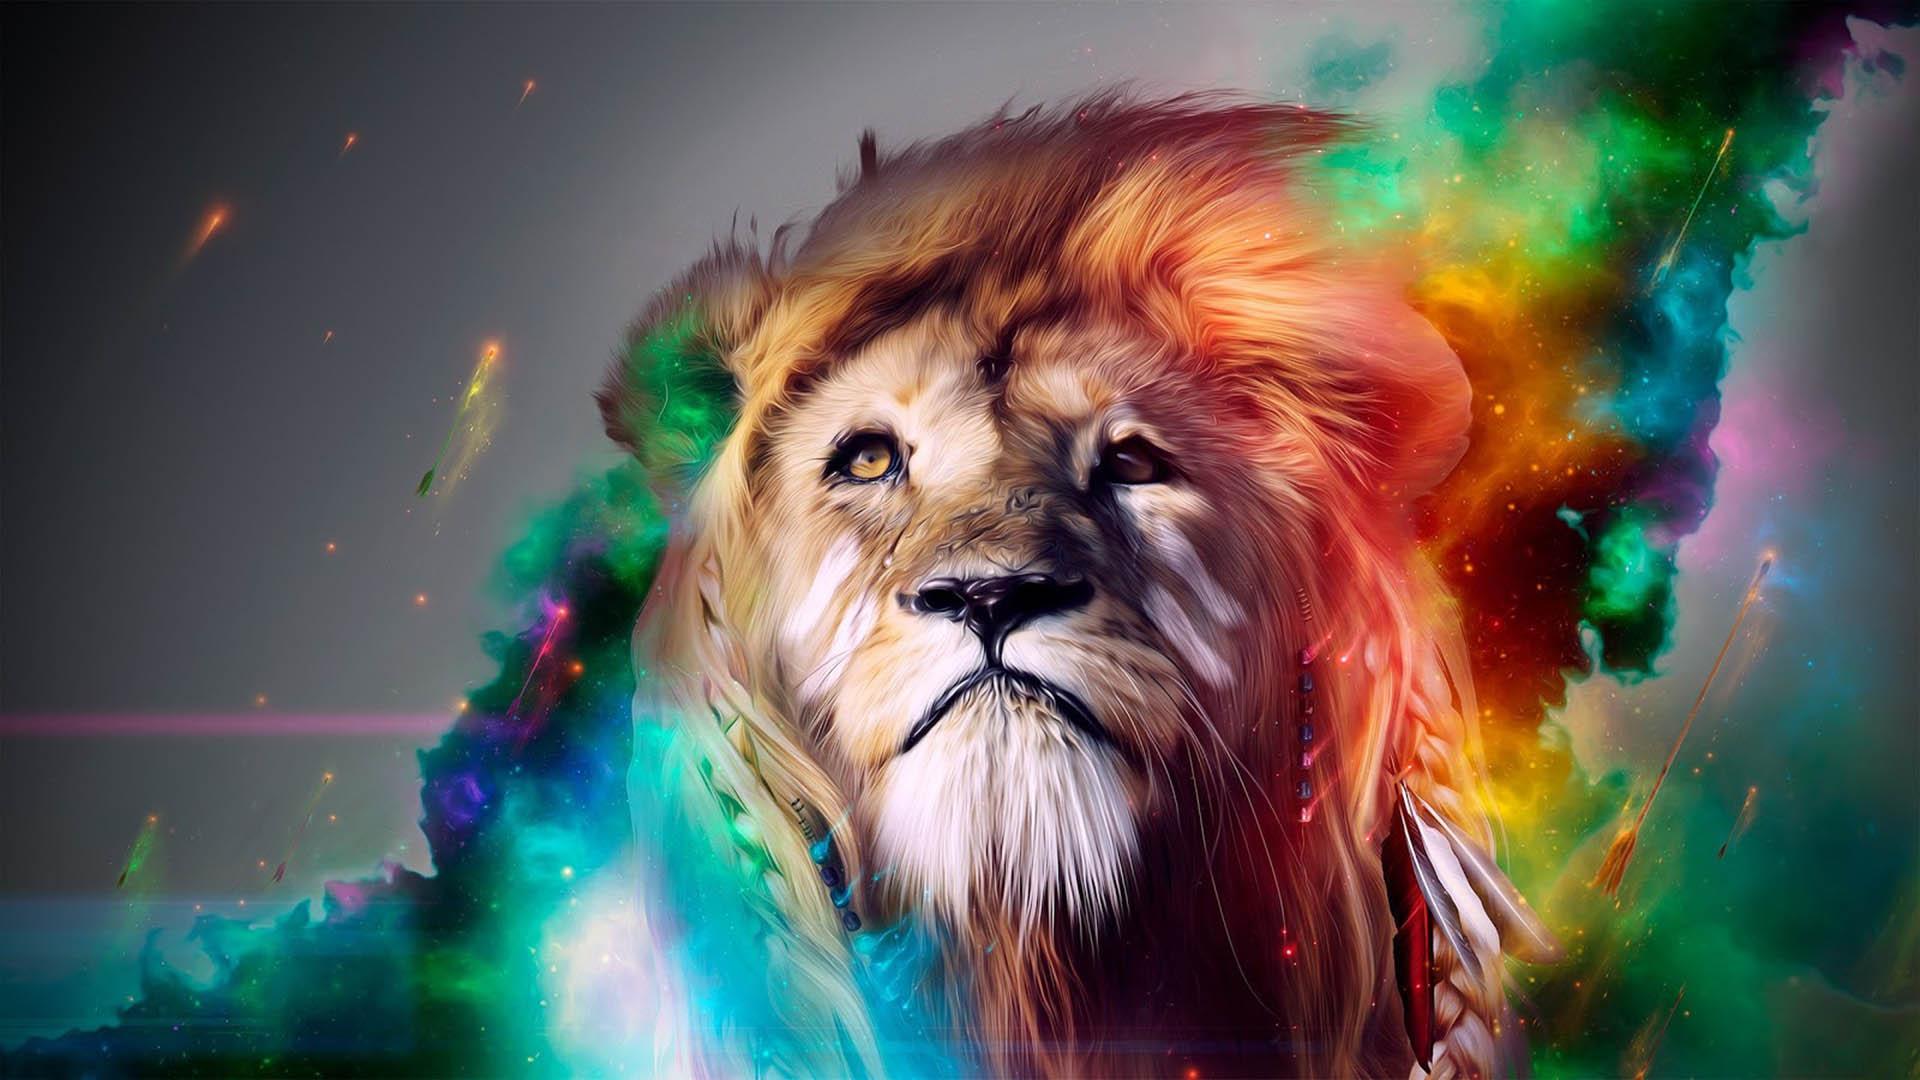 leon colorido wallpaper HD Wallpaper Hd   Fondos de pantalla HD 1920x1080